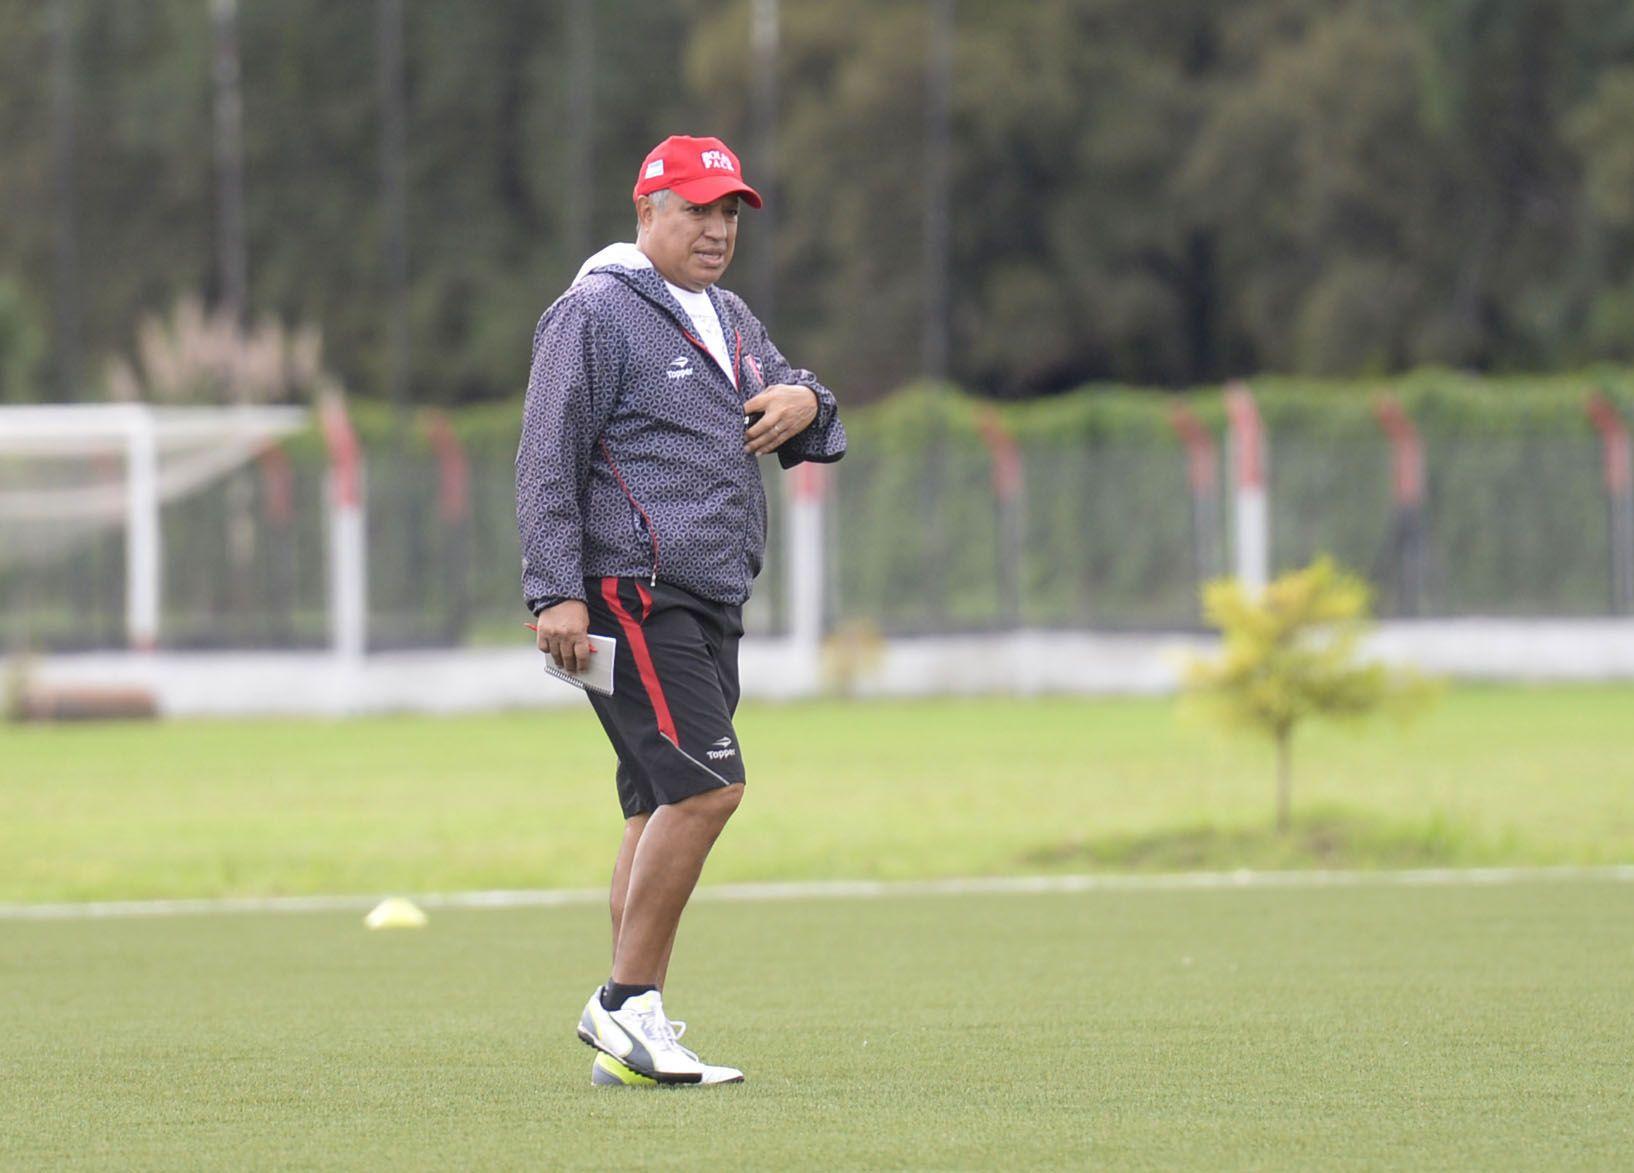 Américo Rubén Gallego no tocará nada de la formación. (S.Salinas)